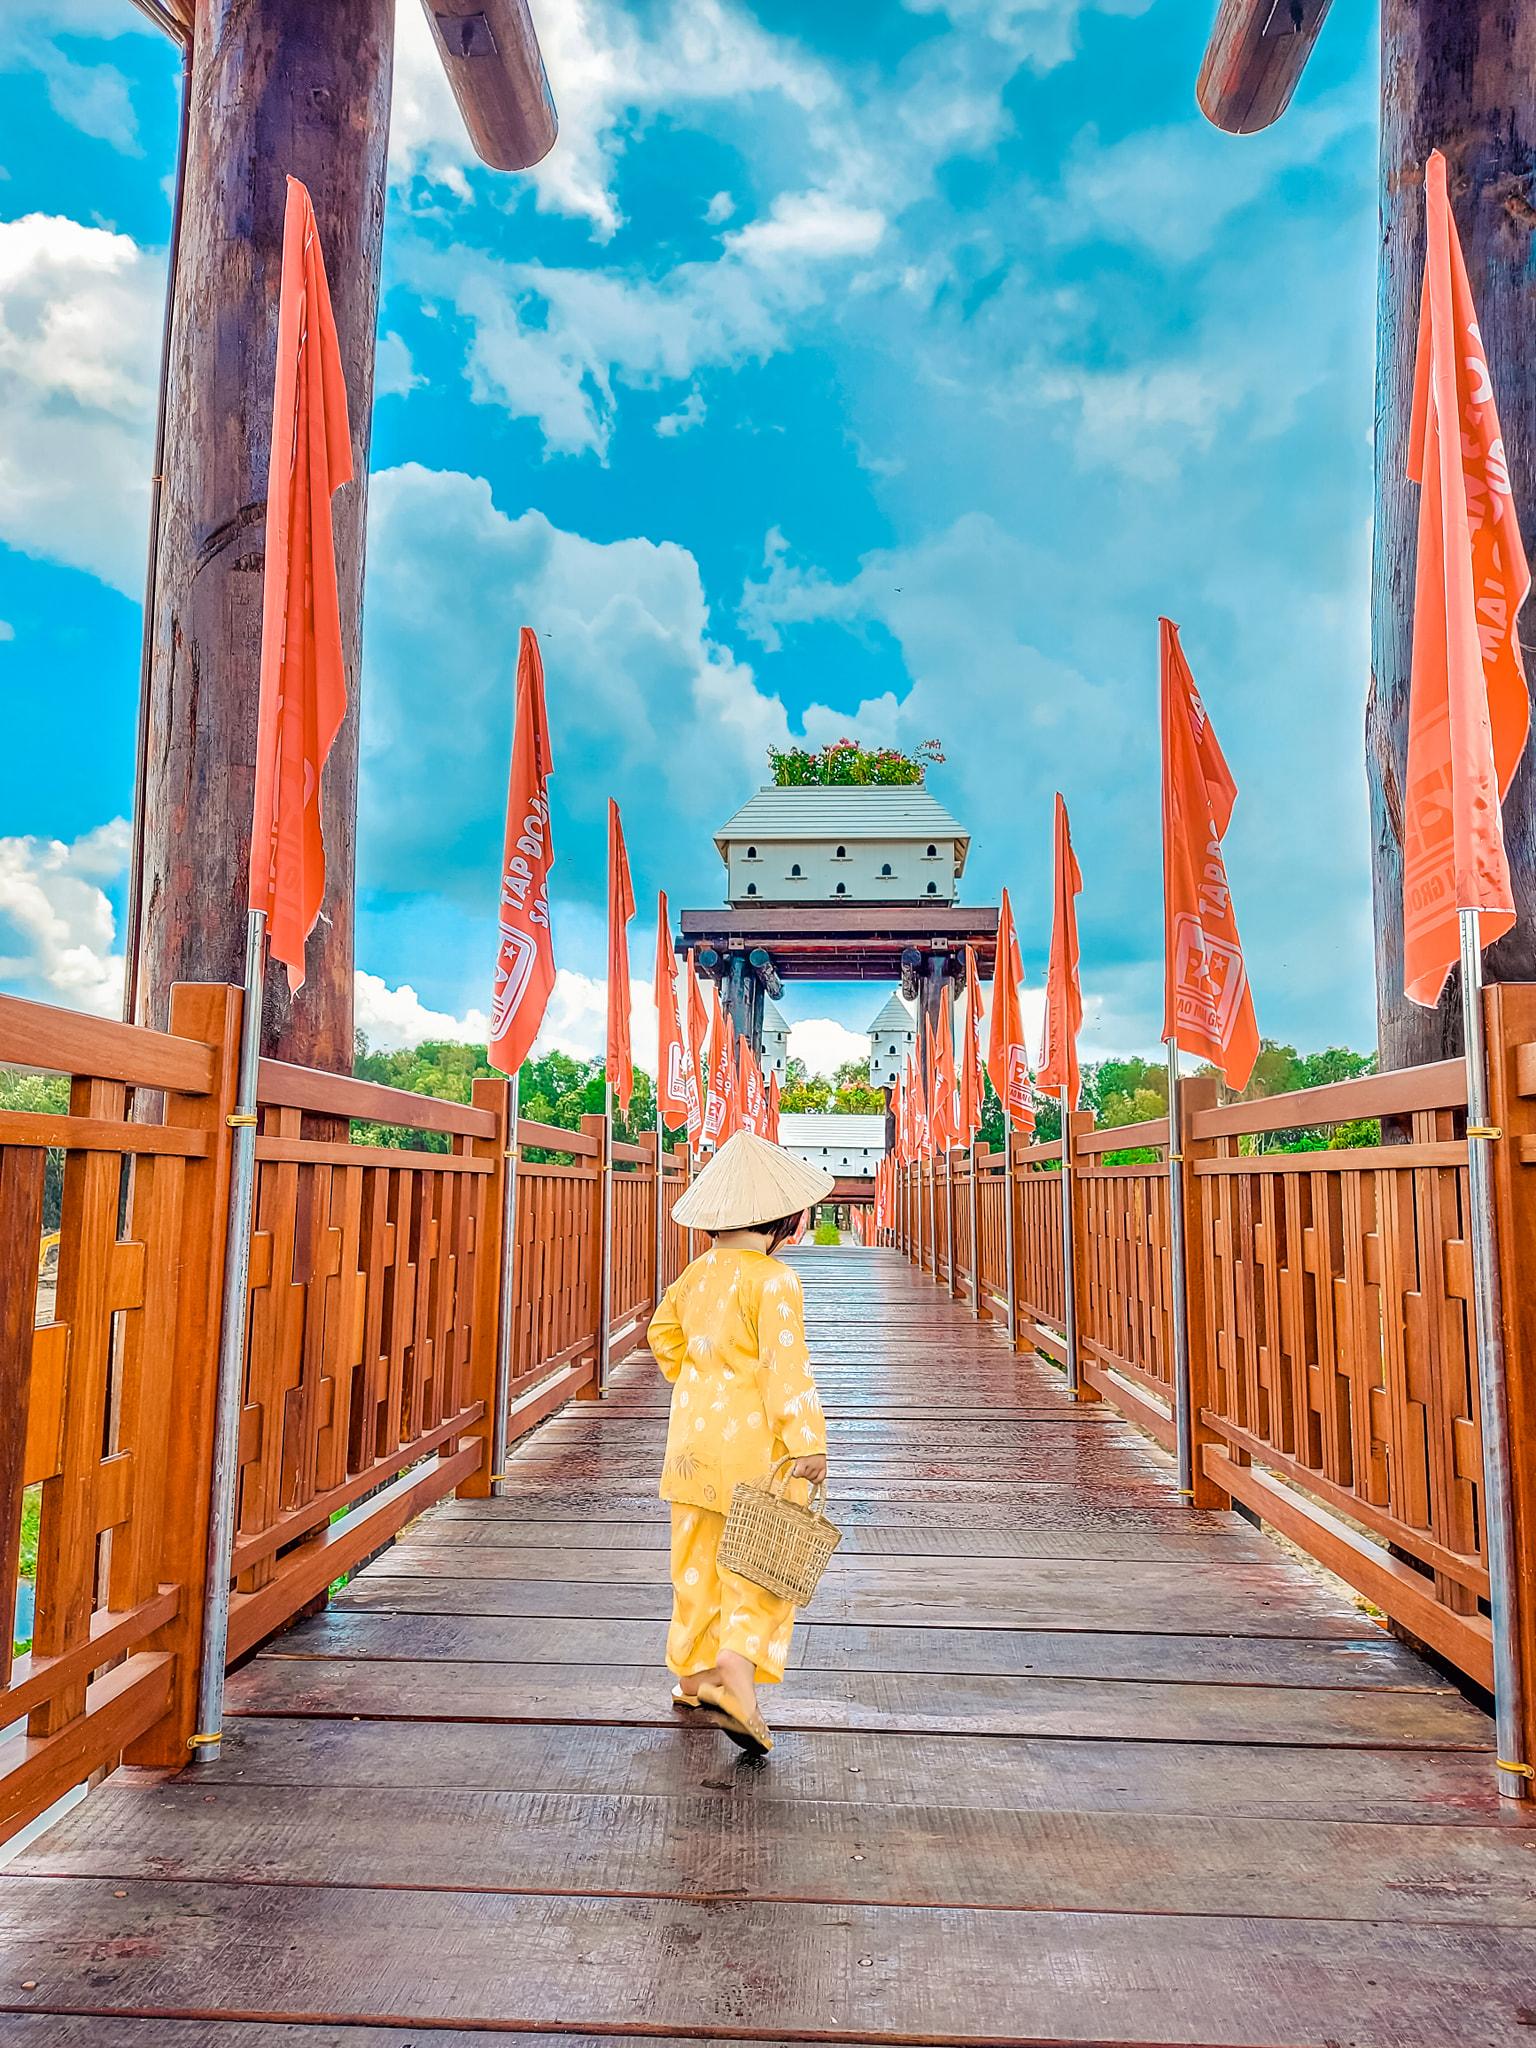 Hành trình khám phá những địa điểm đẹp nhất tại rừng tràm Trà Sư, An Giang  - Ảnh 2.